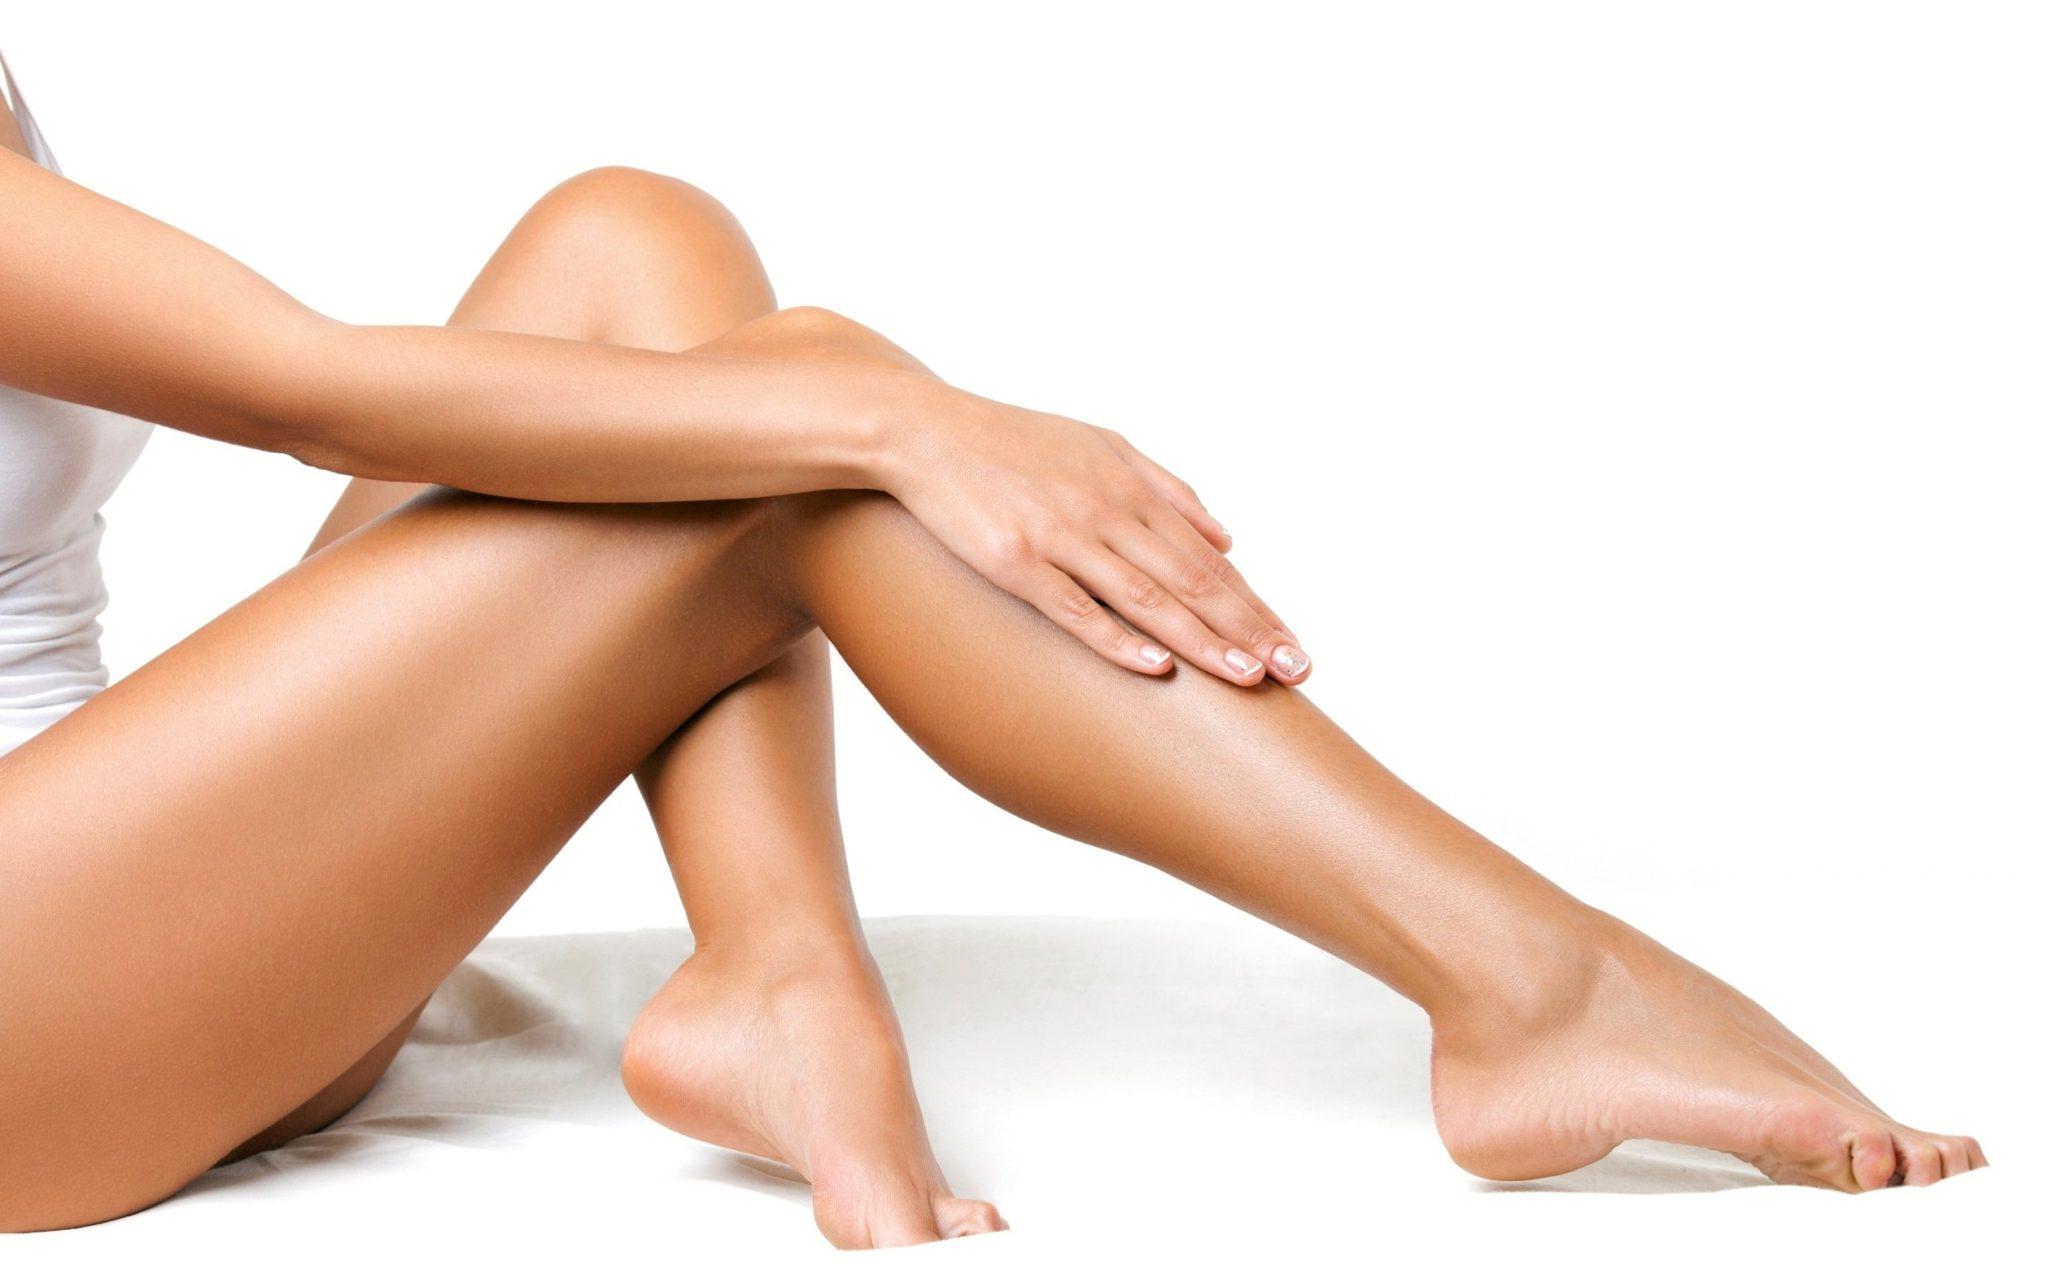 Olio e creme depilazione